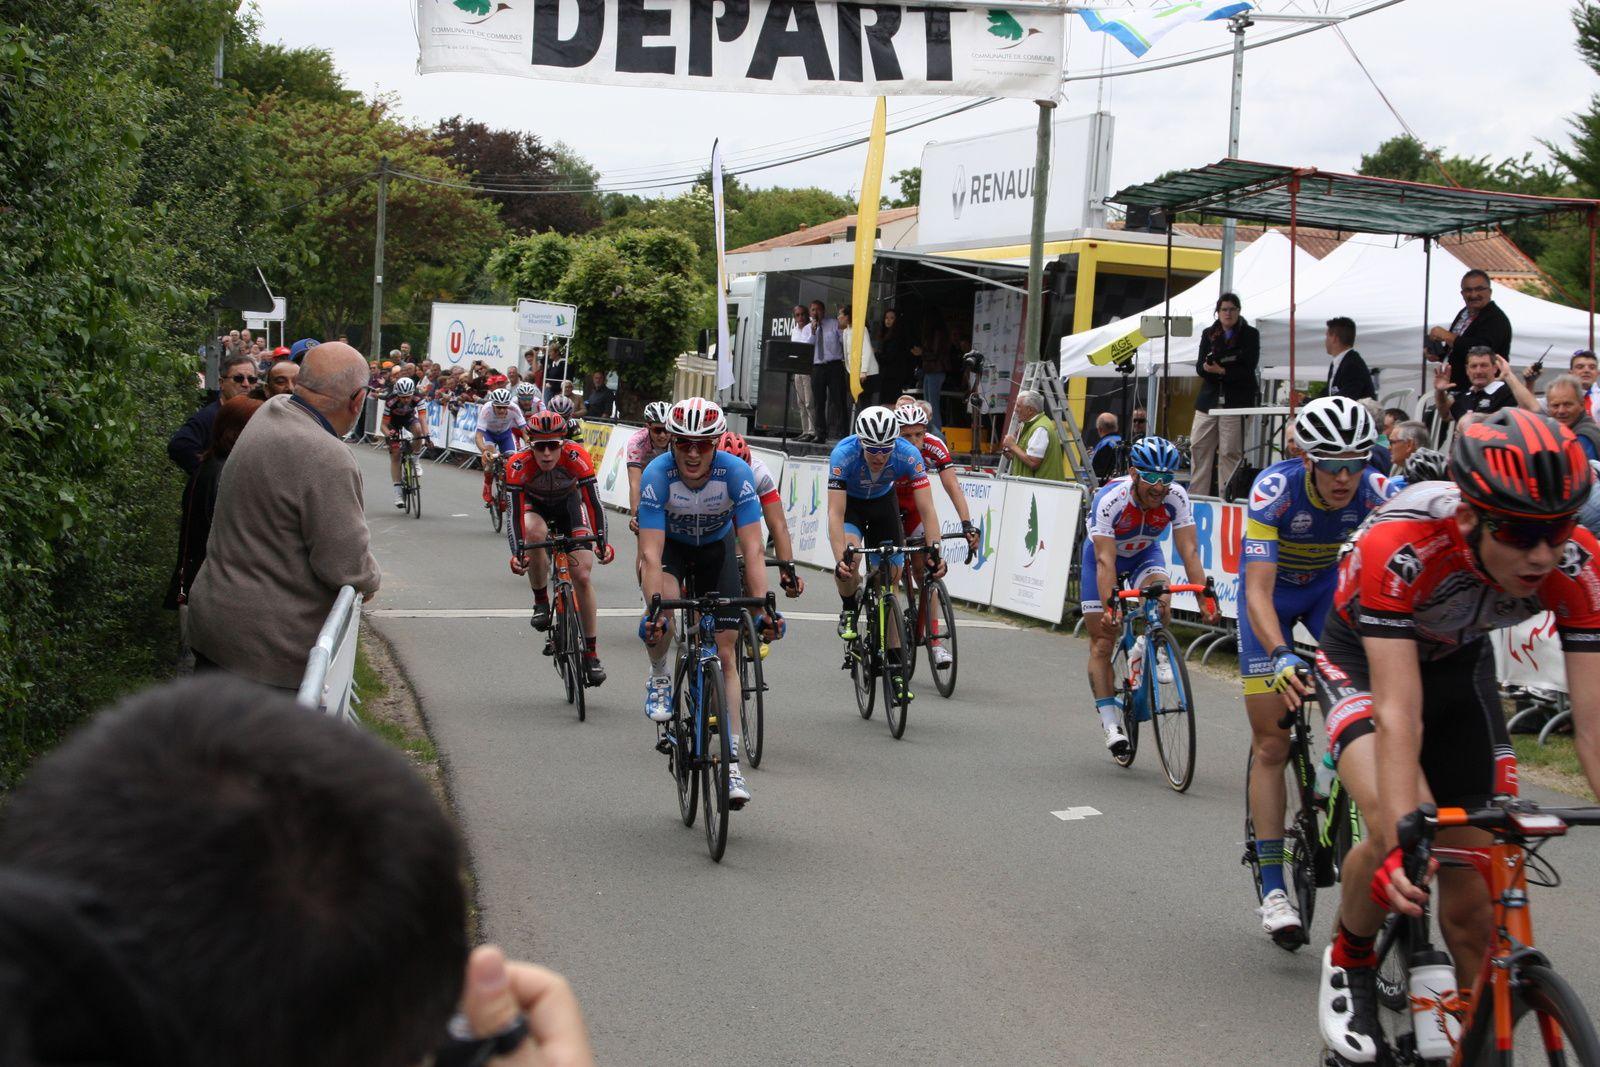 L'arrivée  du  groupe  de  tête.1 OLAVARRIA ABARCA Arnold Cristobal (CHI/1) BBA les 154 km en 3h30'47'' (moy. 43,836 km/h) 2 * GASIOROWSKI Mariusz (POL/1) APO à 00'' 3 DANIEL Aurélien (FRA/1) DIN '' 4 THOMINET Camille (FRA/1) CMA '' 5 * VINCENT Joris (FRA/1) VIL '' 6 * RONXIN Pierre (FRA/1) G.C '' 7 BIDEAU Ludovic (FRA/1) VSC '' 8 BUTTNER Simon (FRA/1) BBA '' 9 * DO REGO Fabio (FRA/1) T.P '' 10 * GUILLOT Romain (FRA/1) VIL '' 11 * GUERNALEC Thibault (FRA/1) DIN '' 12 * HENRIO Ewen (FRA/1) G.C '' 13 * CHOPIER Loïc (FRA/1) VSC '' 14 * PRODHOMME Nicolas (FRA/1) CMA '' 15 PERROCHEAU Willy (FRA/1) APO '' 16 * BORDES Cyril (FRA/1) POC '' 17 * DELEHAYE Bryan (FRA/1) UPB '' 18 THEVENEZ Geoffrey (FRA/1) POC '' 19 * DEMEAUTIS Matthieu (FRA/1) G.C '' 20 PIERRAT Julien (FRA/1) PEH '' 21 * BIONDI Andrea (FRA/1) CCI '' 22 SAVICKAS Zydrunas (LTU/1) BBA '' 23 WILD Damian (FRA/1) VCT '' 24 LEBRETON Romain (FRA/1) UCC '' 25 CLUZAN PRINCE Morgan (FRA/2) CCP '' 26 * ZINGLE Axel (FRA/2) VCU à 04'' 27 * EVENOT Killian (FRA/1) CMA à 41'' 28 * PERNOT Nathan (FRA/1) MSC '' 29 ROTURIER Anthony (FRA/1) UCC '' 30 * TOURNIEROUX Victor (FRA/1) VIL '' 31 VALADE Jayson (FRA/1) CCP '' 32 CHANCRIN Camille (FRA/1) BBA '' 33 TIELEMANS Pierre (FRA/1) UPB '' 34 * BOUVIER Léo (FRA/2) ACB '' 35 * GRAY Jake (IRL/1) VCT '' 36 RACAULT Ronan (FRA/1) G.C '' 37 * RIOU Alan (FRA/1) DIN '' 38 EVRARD Laurent (BEL/1) VIL '' 39 BIHEL César (FRA/1) DIN '' 40 HOUANARD Steve (FRA/2) VSC '' 41 * VALETTE Pierre (FRA/1) T.P '' 42 * PIRY Sébastien (FRA/1) CMA '' 43 * DESCHATRES Martin (FRA/2) VCU '' 44 DUGUENET Stéphane (FRA/1) G.C '' 45 BERLIN SEMON Joseph (FRA/1) ACB '' 46 * NAKAMURA Keisuke (JPN/1) UPB '' 47 CLERE Emilien (FRA/1) VSC '' 48 DE JONCKHEERE Johan (FRA/1) VSC '' 49 HUCK Gaëtan (FRA/1) PEH '' 50 LOUICHE Vincent (FRA/1) VCT ''  Lire la suite : http://www.directvelo.com/actualite/58038/boucles-nationales-du-printemps-et-1-classements